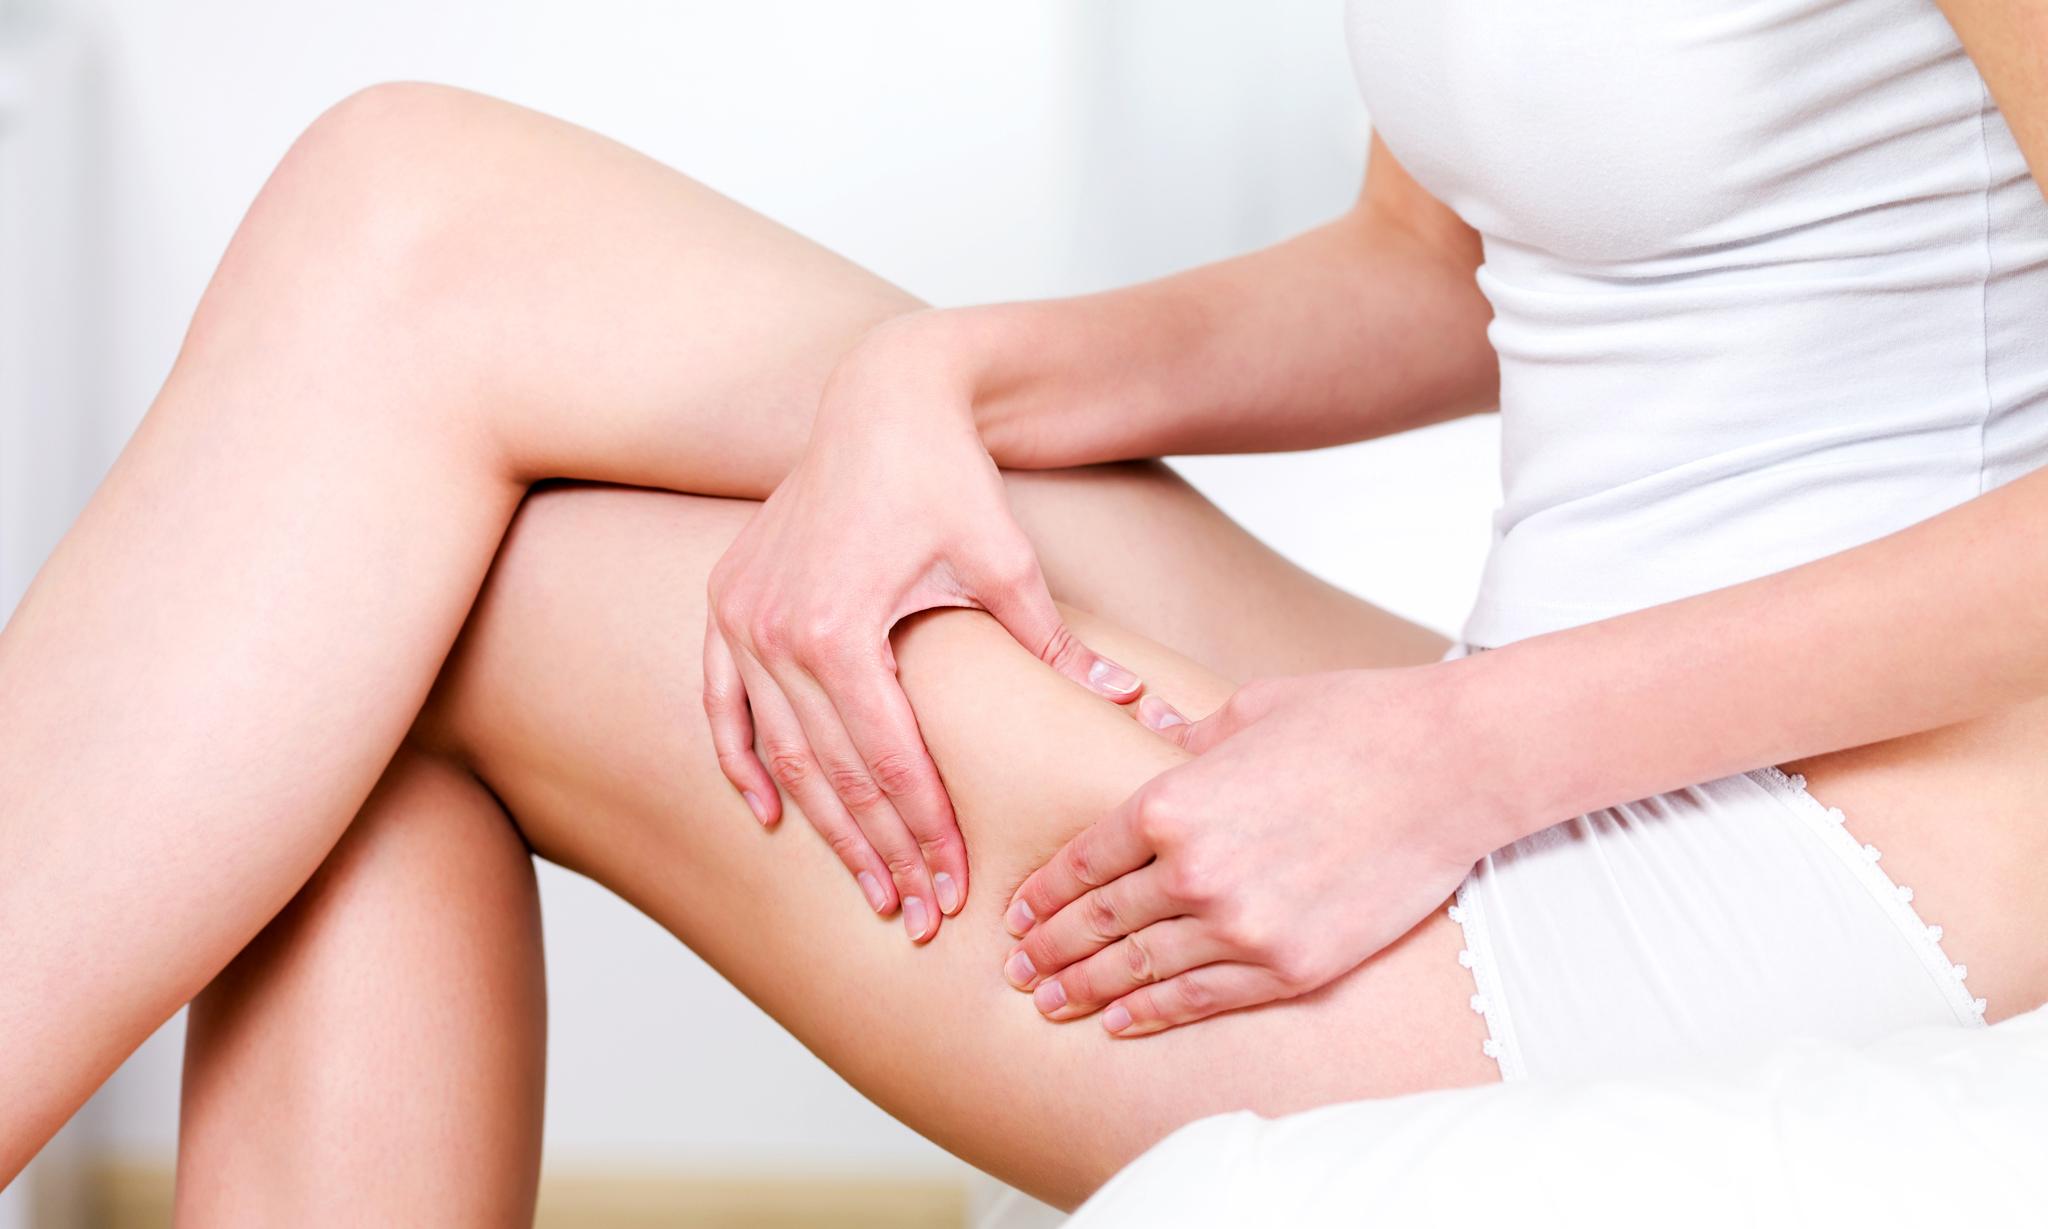 Техника антицеллюлитного массажа дома прозрачное красивое женское нижнее белье фото